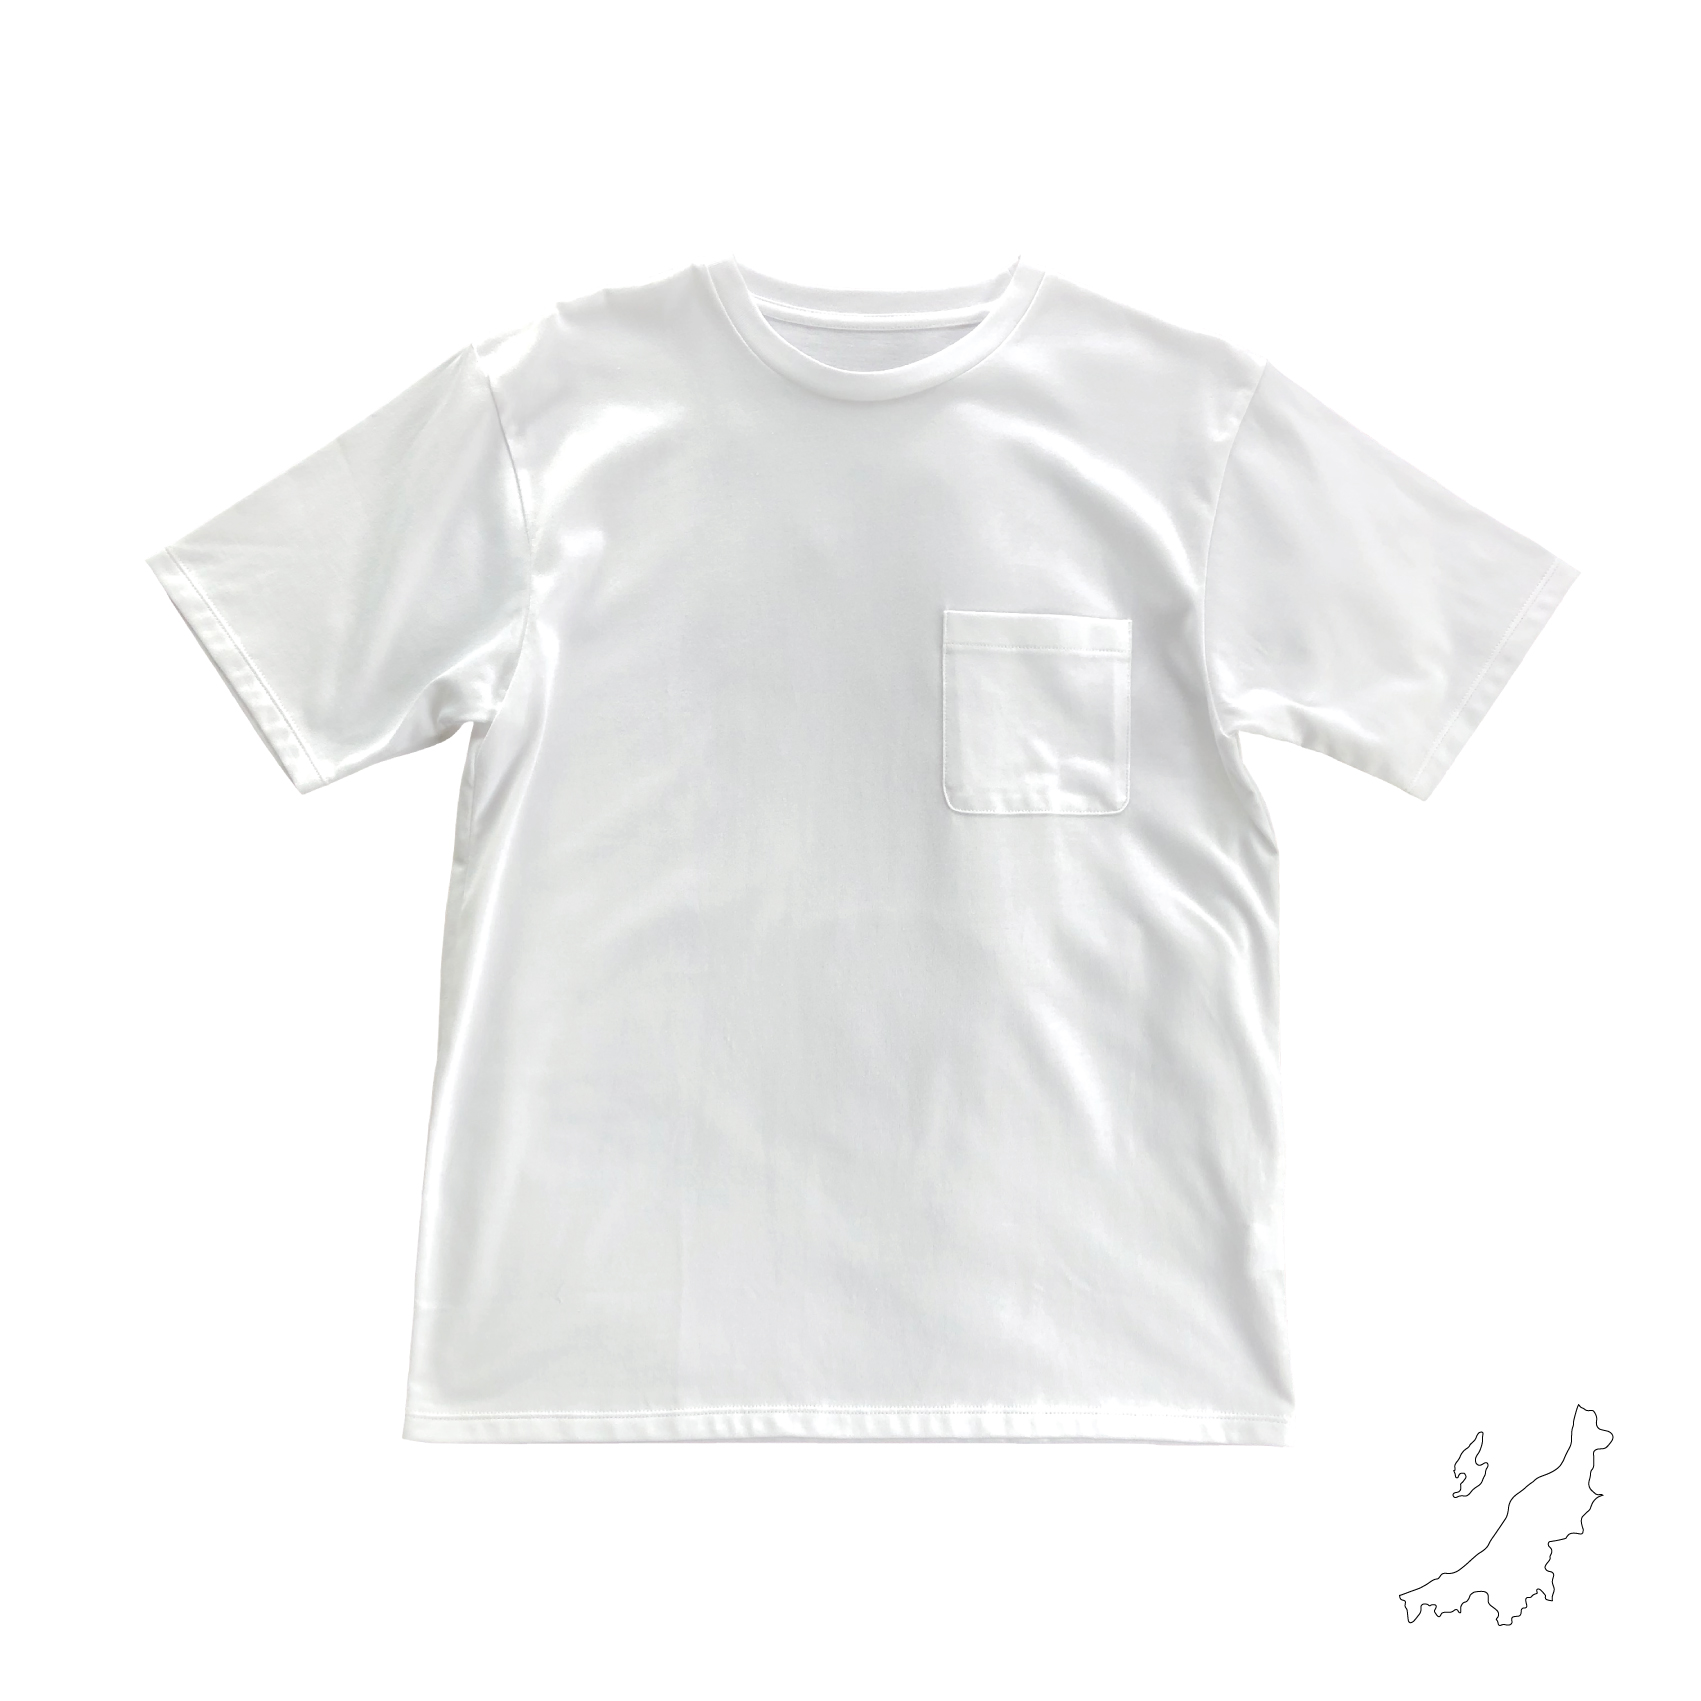 """着ごこちがいい 純国産ポケットTシャツ """"楽tee"""" <NIIGATA>"""